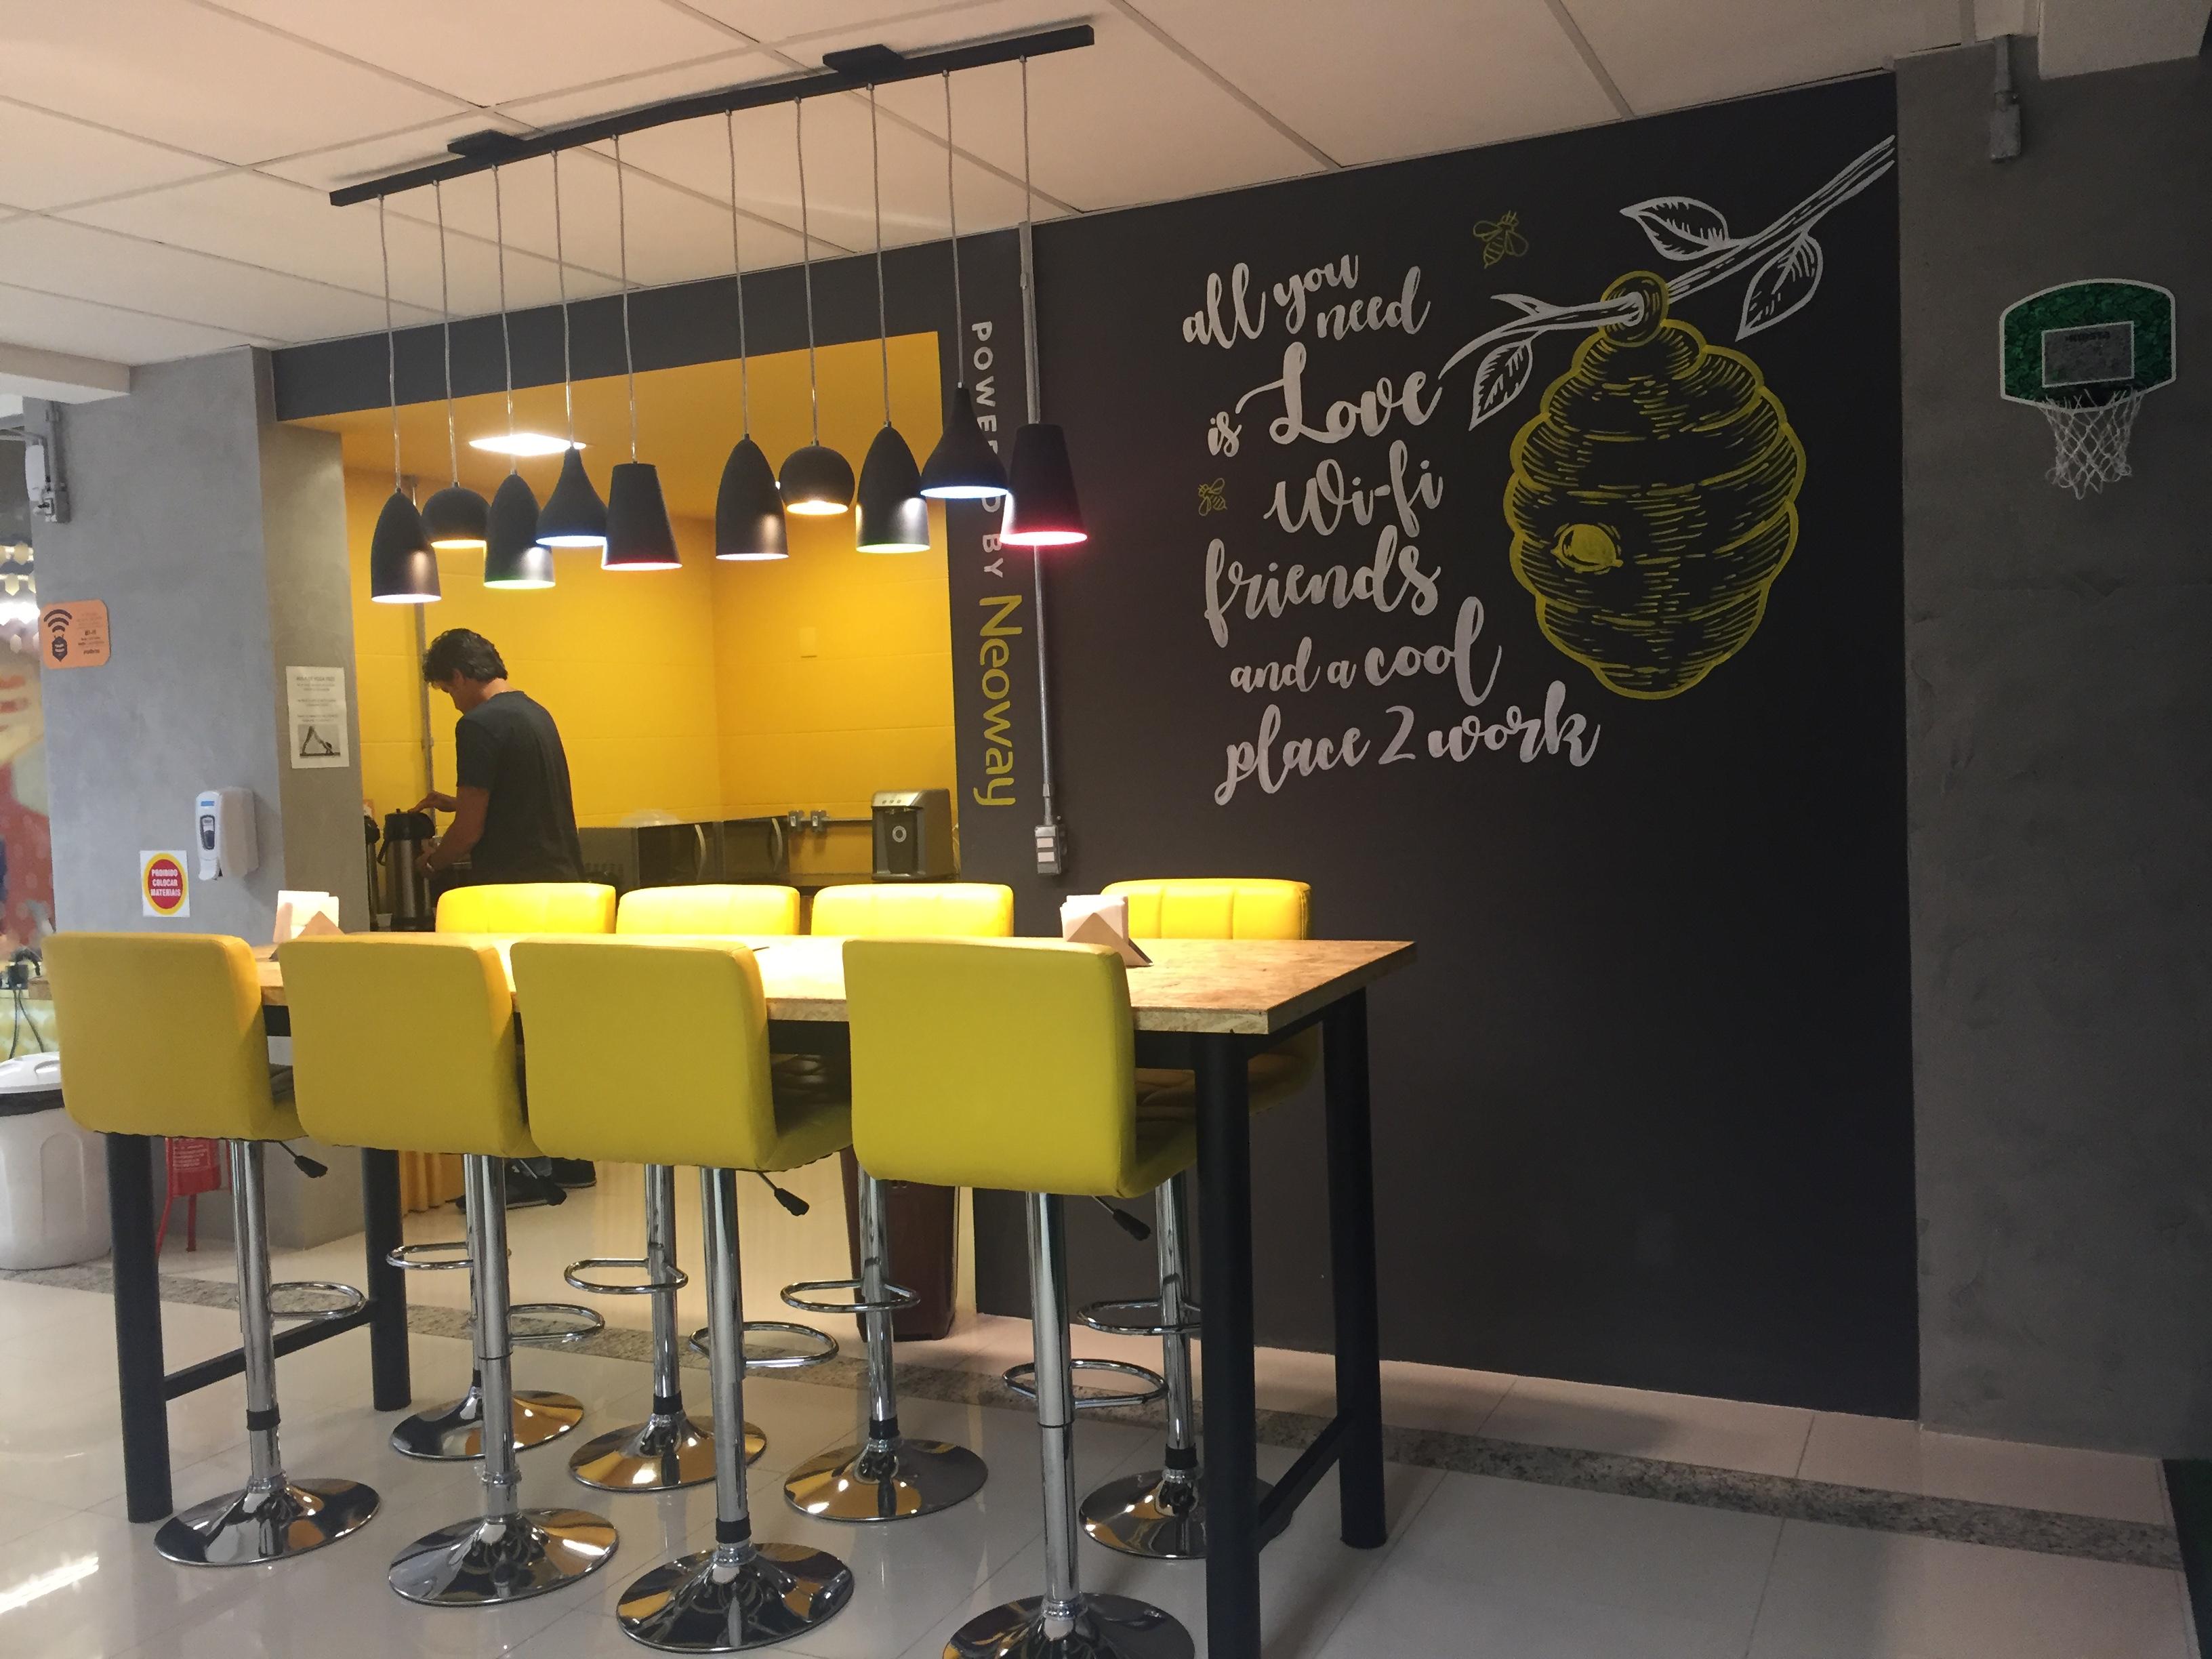 Série De Interação Com Os Habitats De Inovação E Empreendedorismo: Cool2work